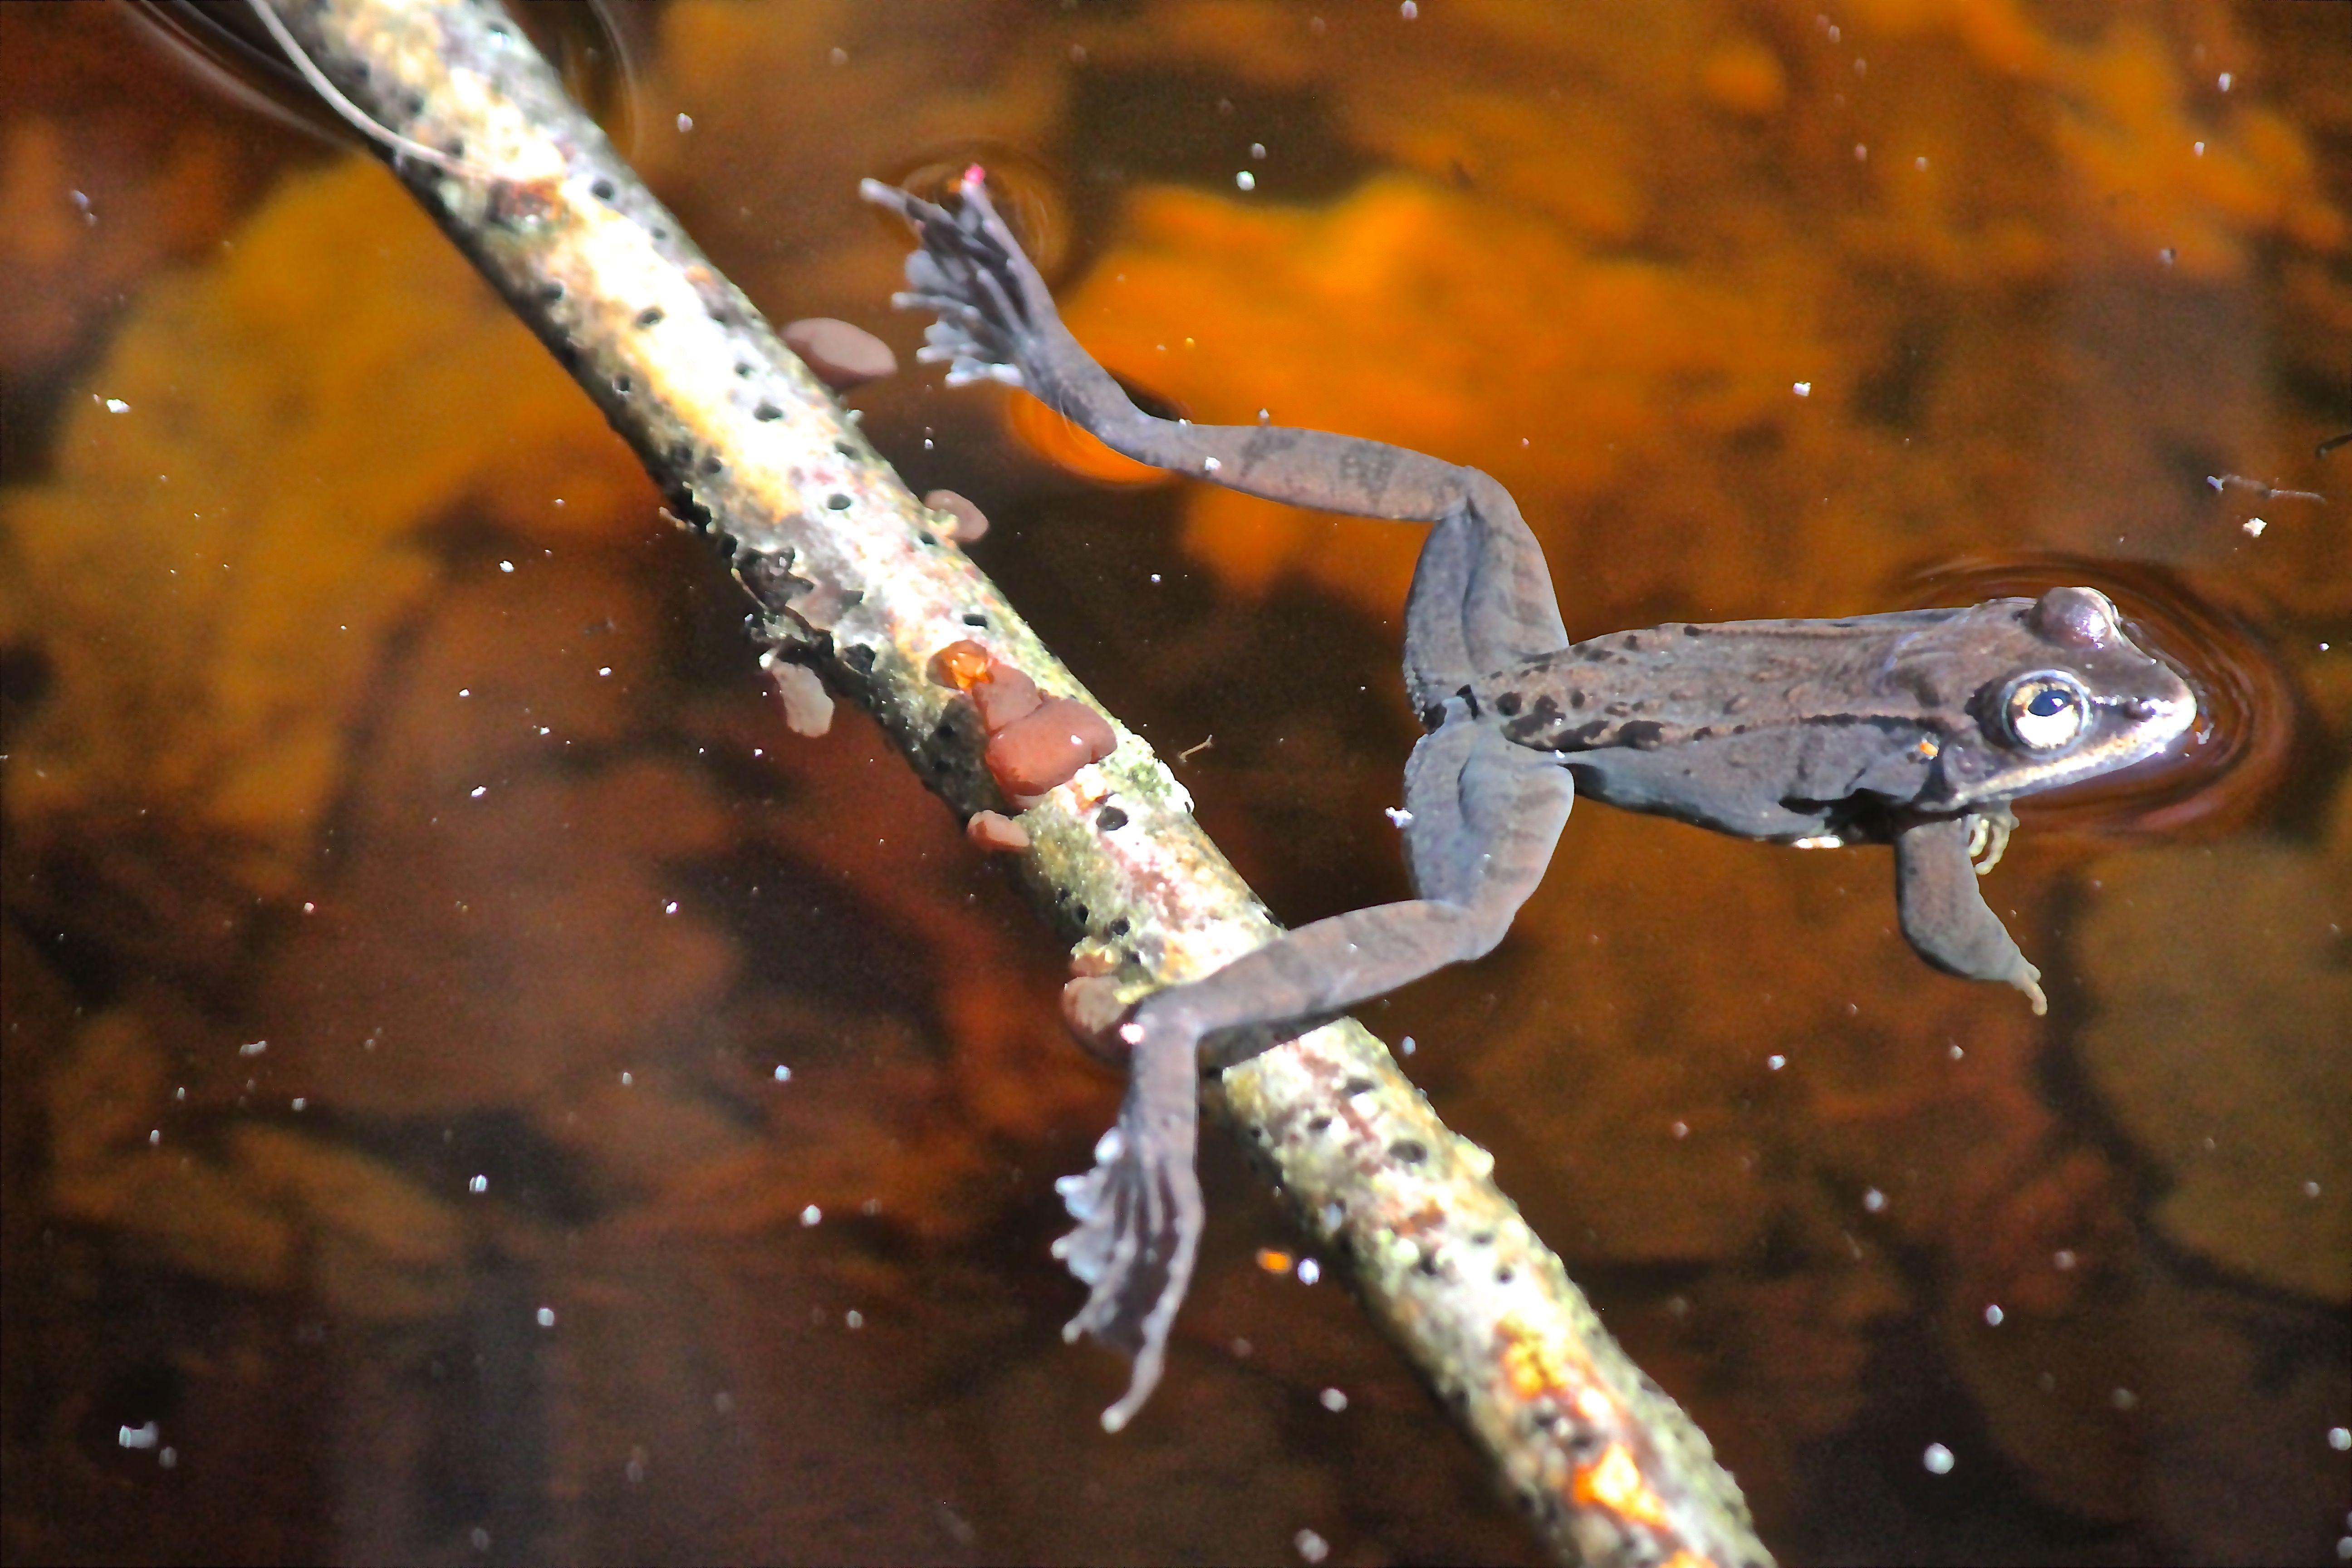 v-frog 4